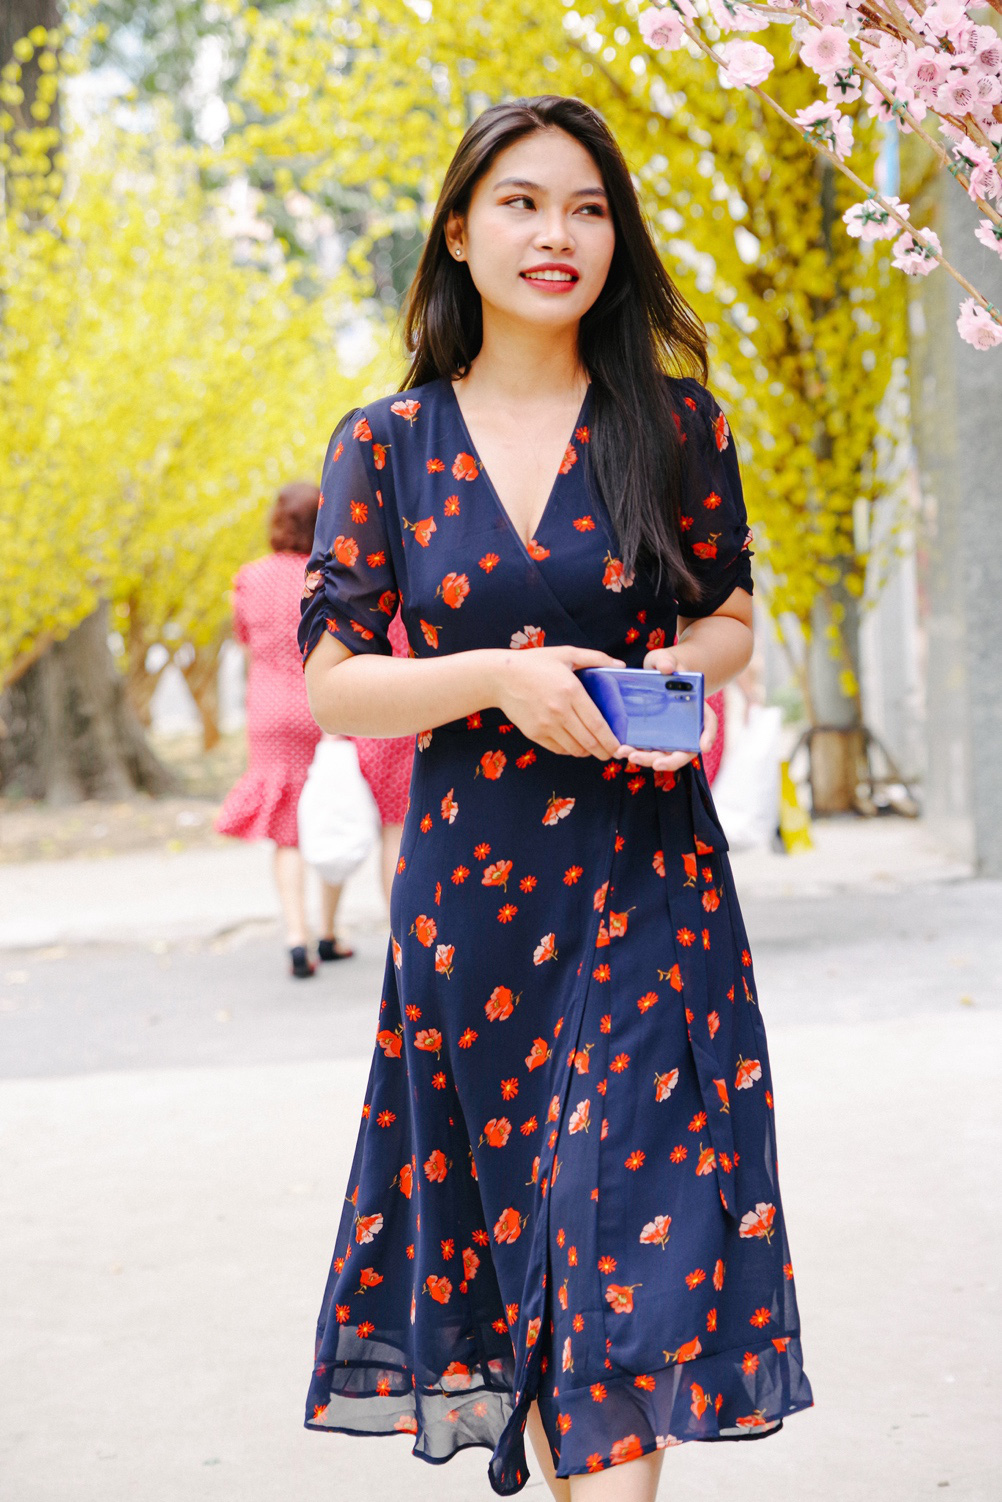 photo 9 1579584529453211823945 1579584987855 1579584987856362724892 - Tham khảo ngay một số trend thời trang trong năm 2020 để kịp trưng diện đón Tết